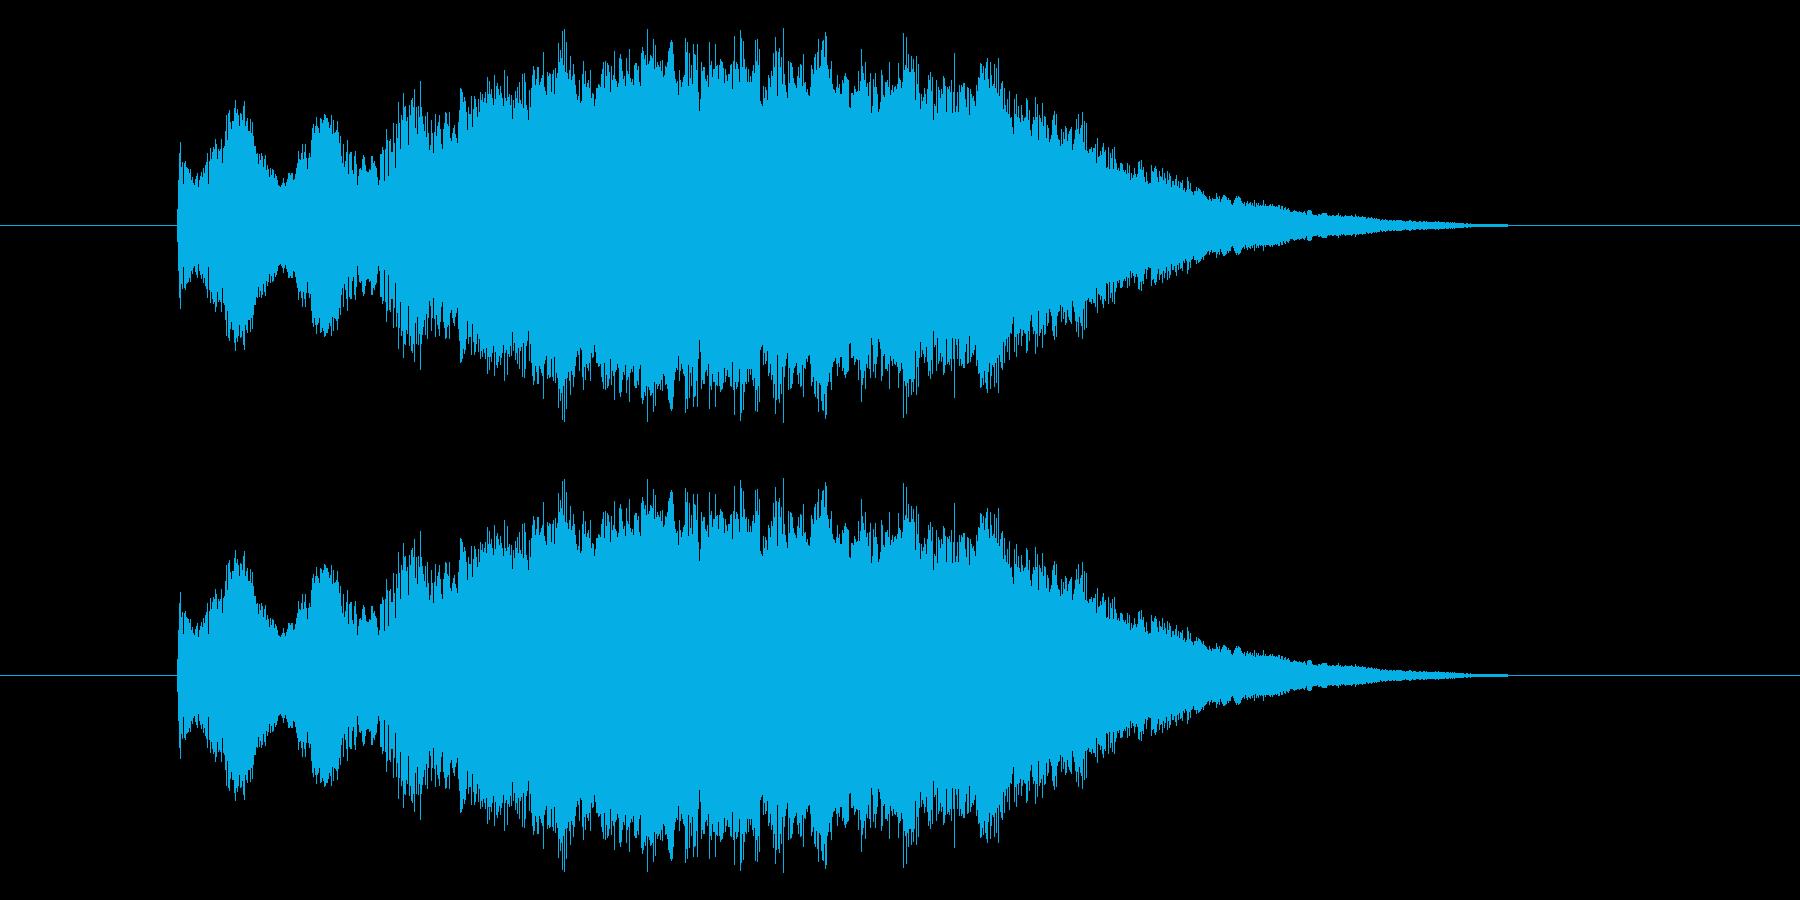 ピヒューン!レトロゲーム風 魔法音の再生済みの波形